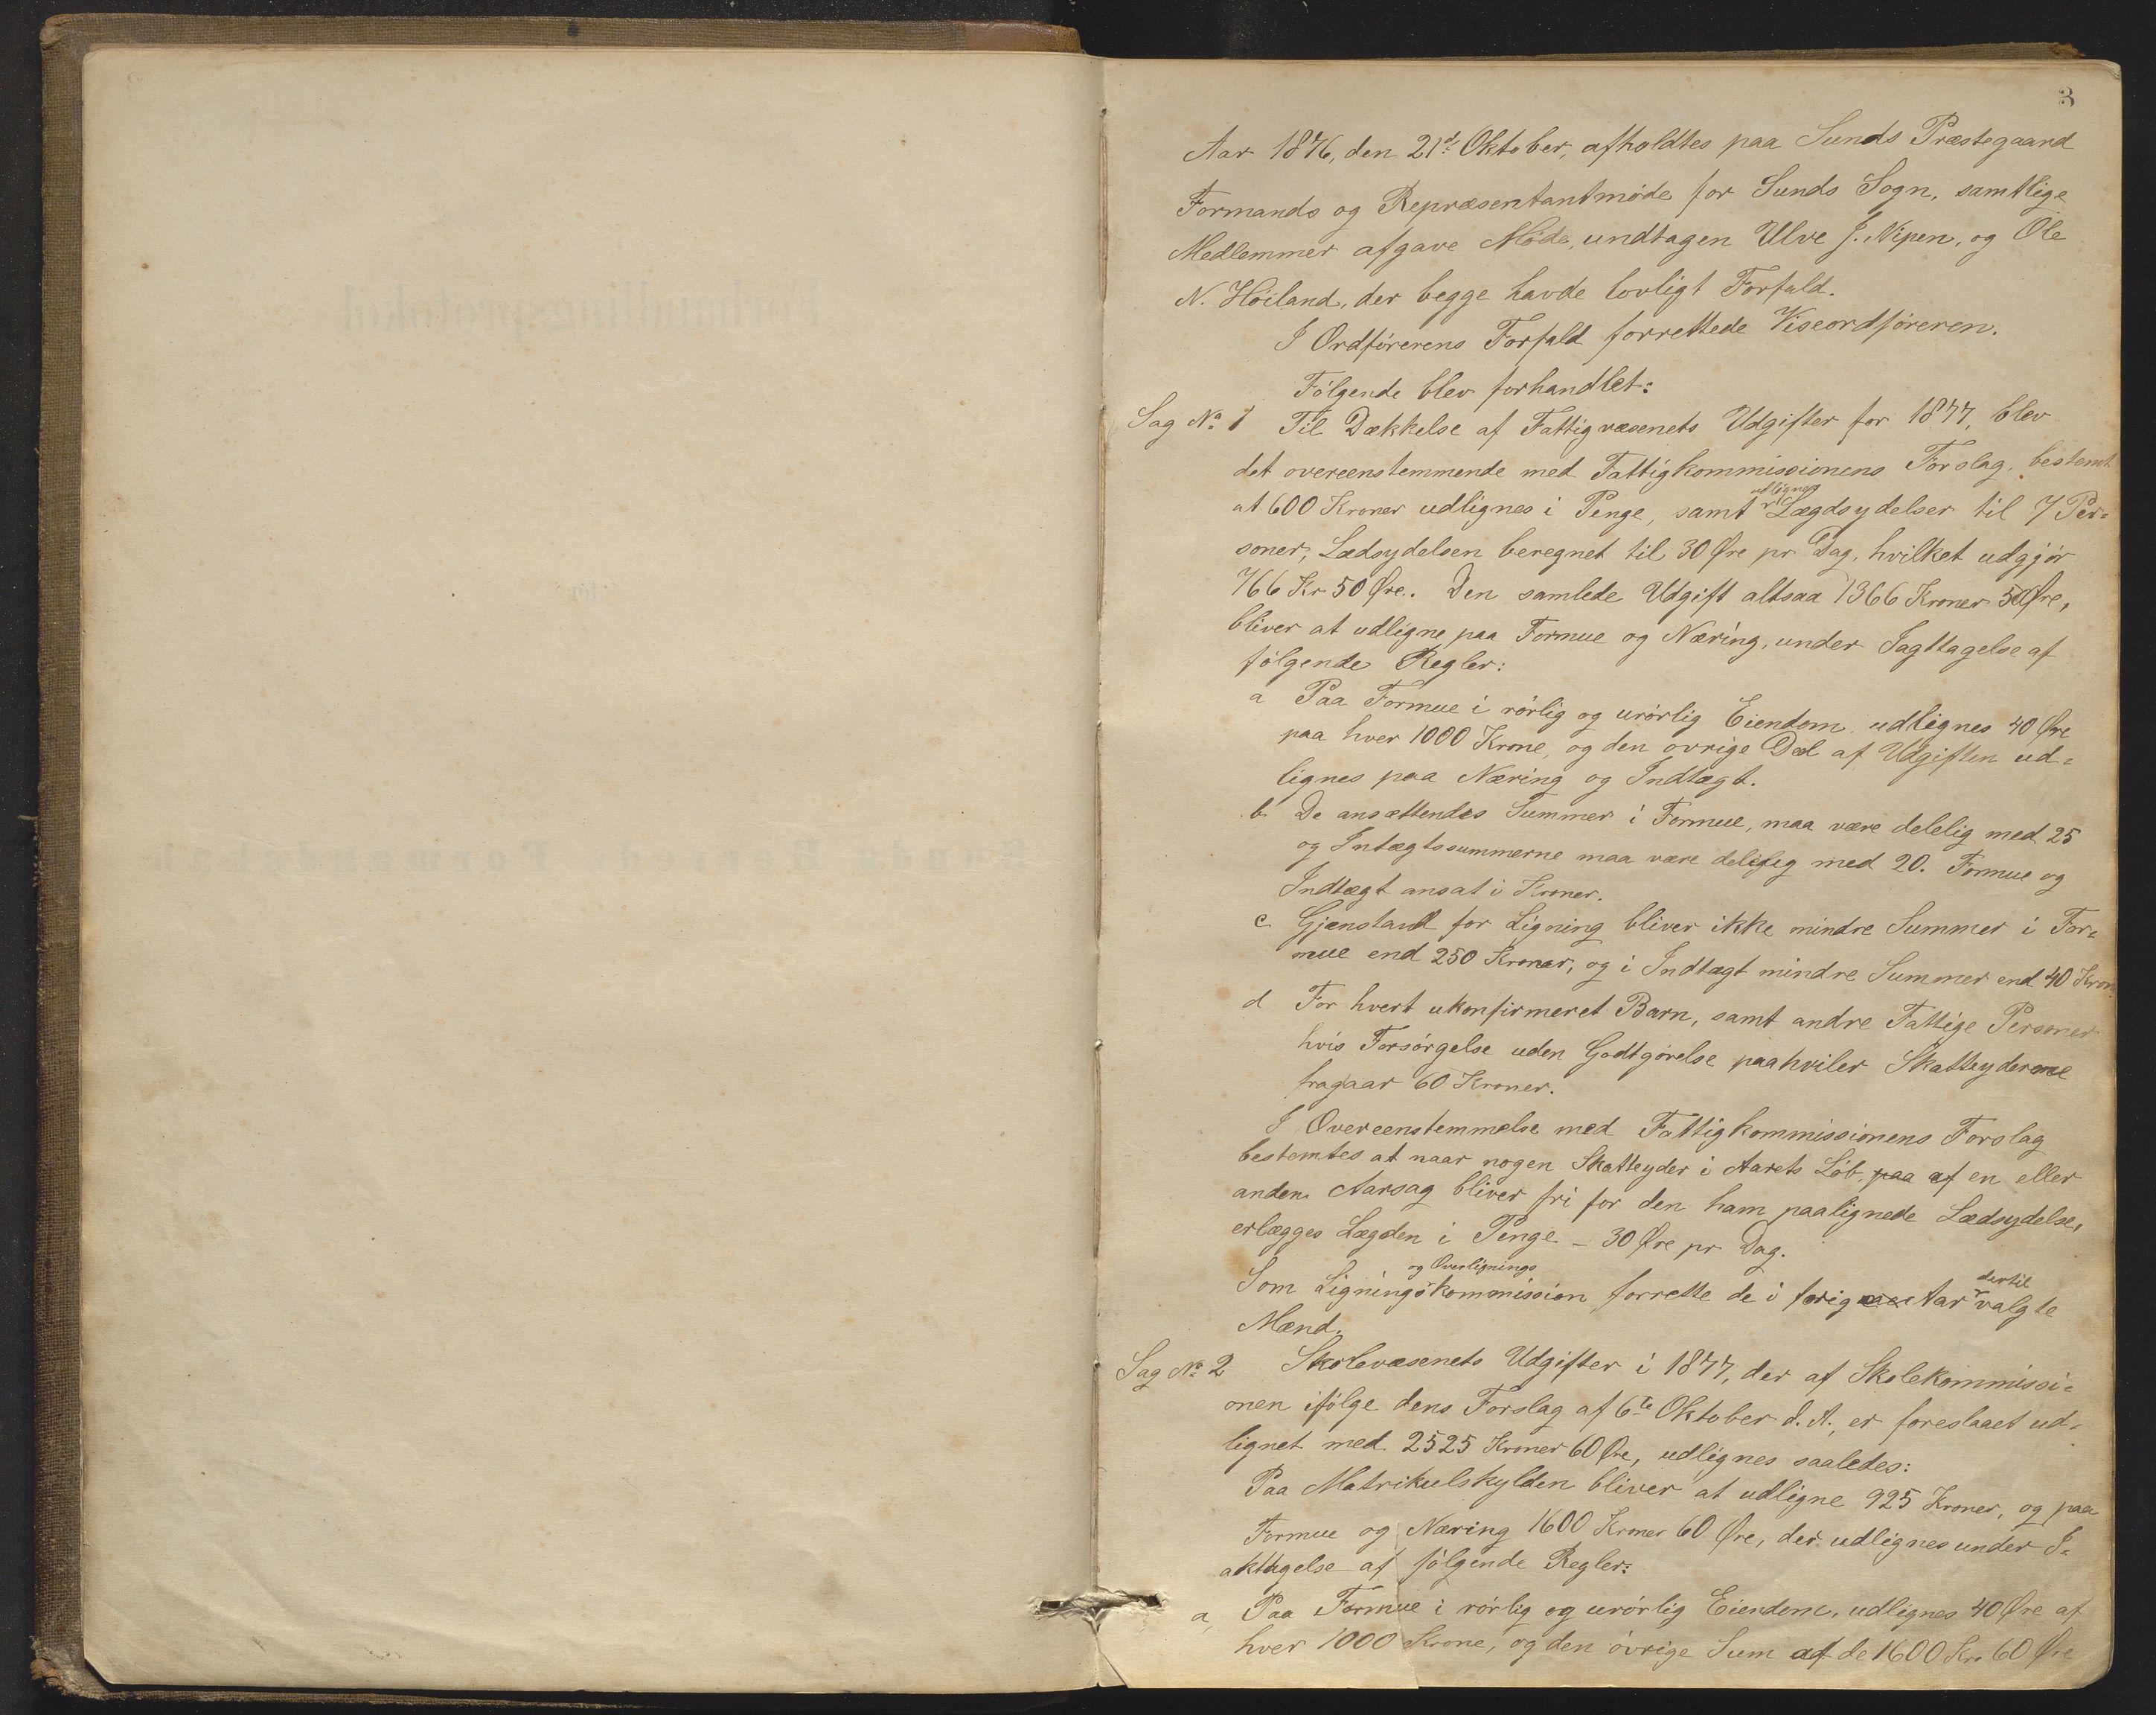 IKAH, Sund kommune. Formannskapet, A/Aa/L0002: Møtebok for Sund formannskap og heradstyre , 1876-1911, s. 3